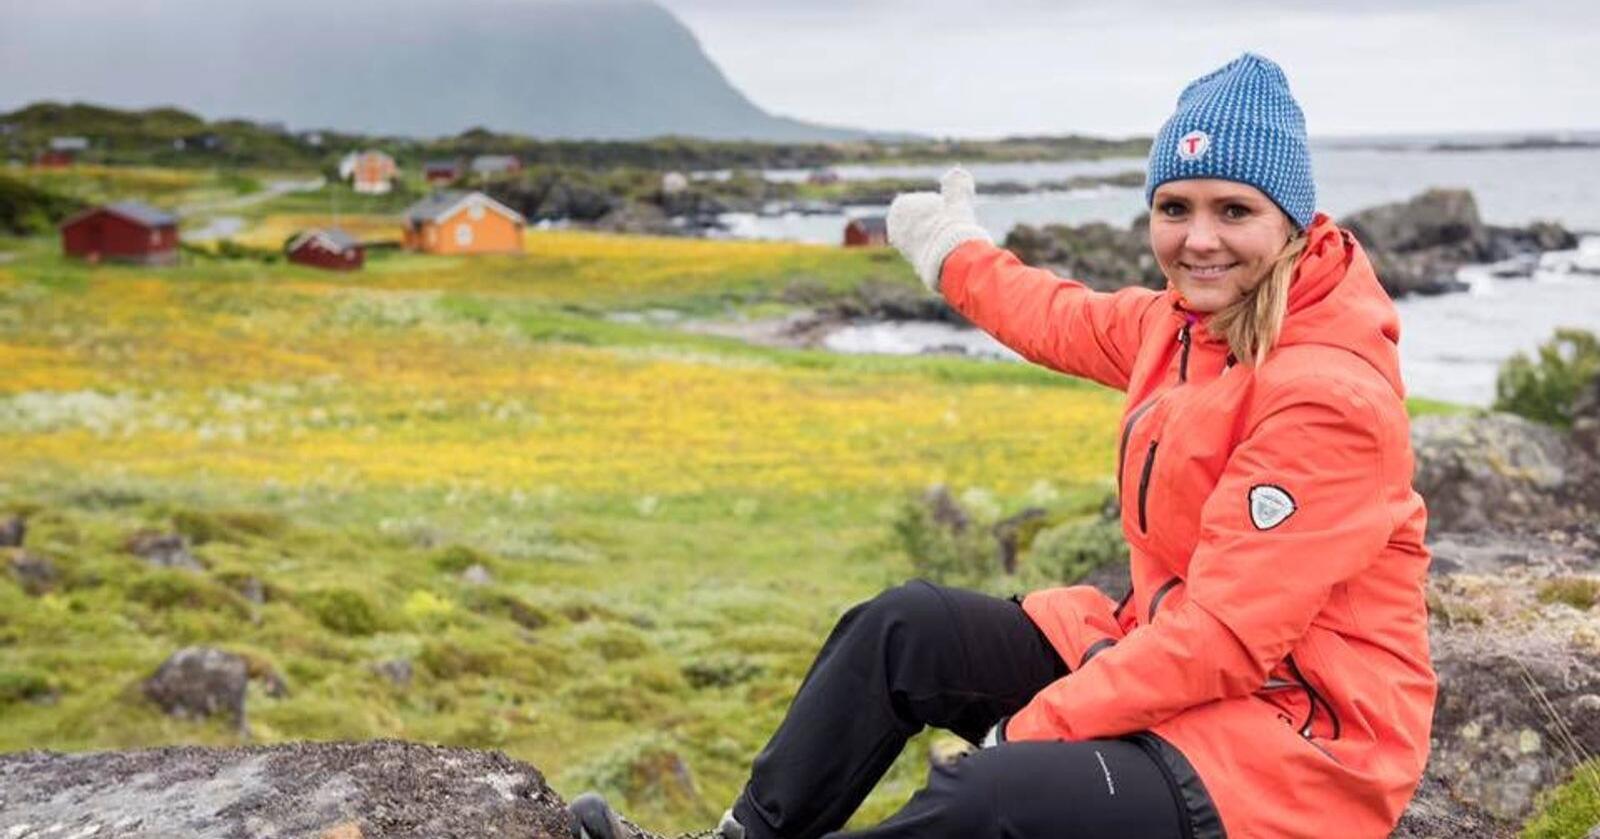 Linda Hofstad Helleland, både som distriktsminister og leder av Høyres programkomite, kan bebude ny distriktspolitikk for det største regjeringspartiet. Om innspillene fra et regjeringsoppnevnte distriktsnæringsutvalg tas til følge. Foto: Høyre